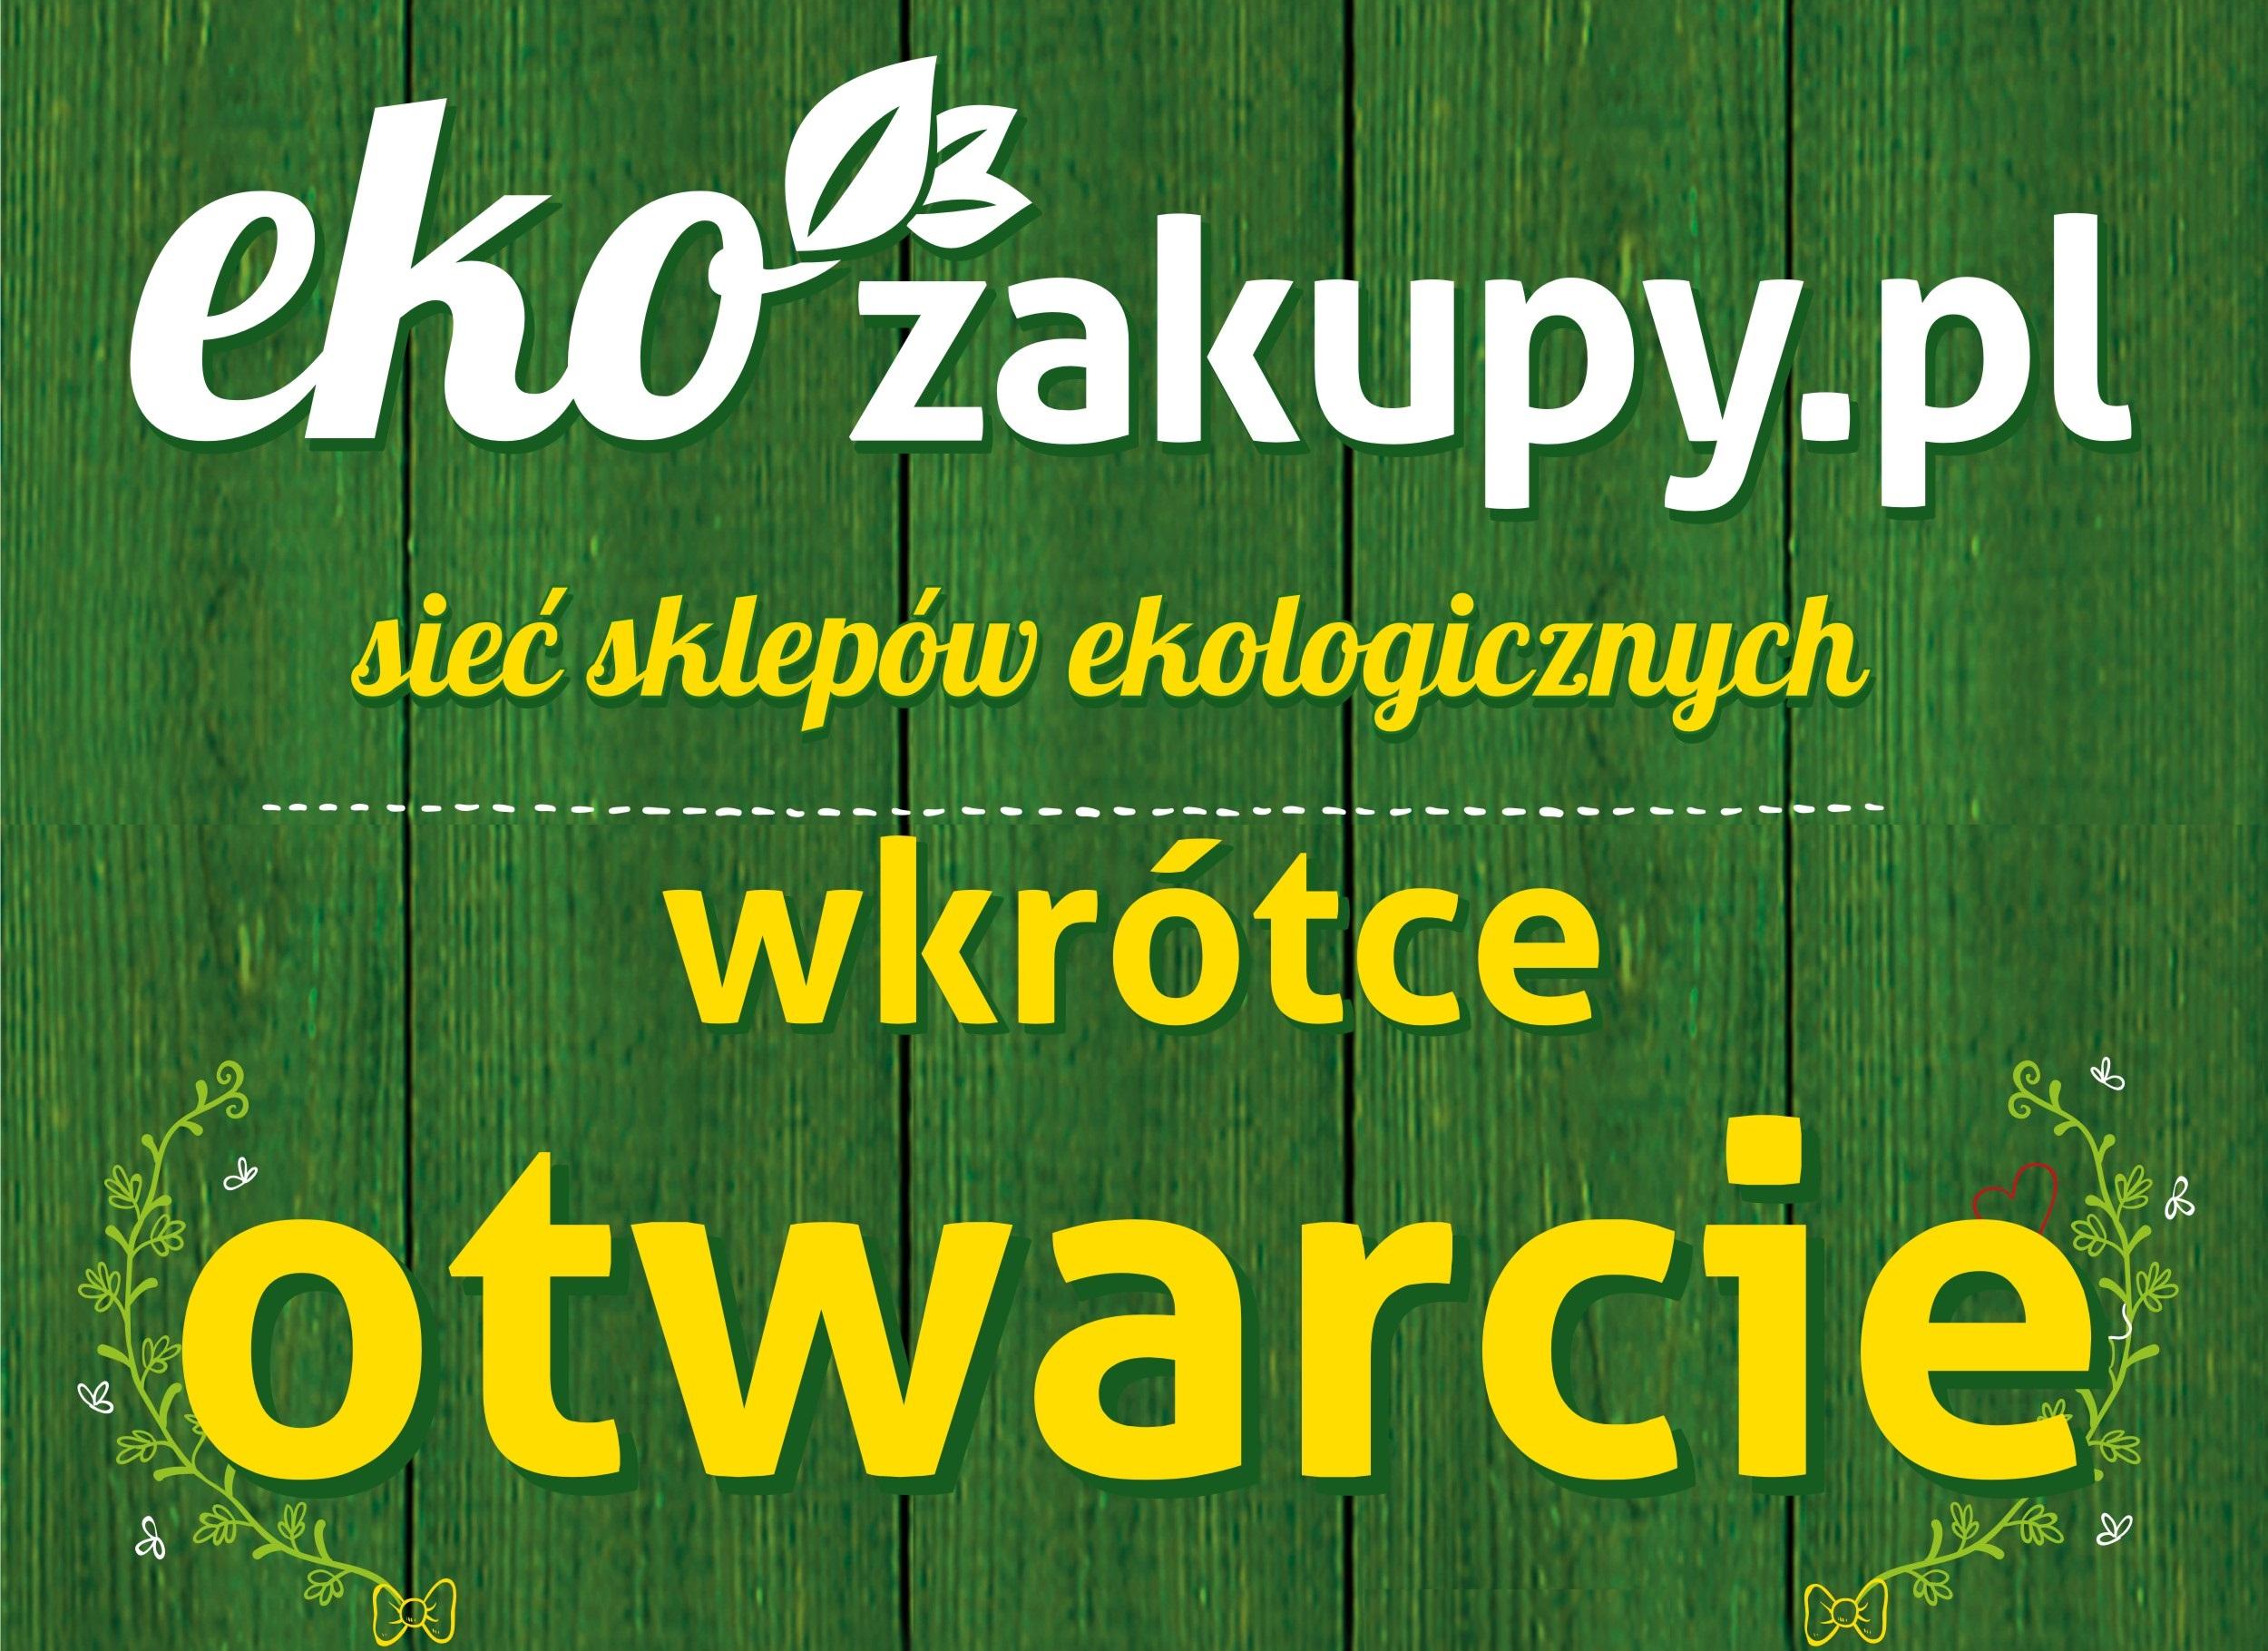 Ekozakupy.pl: nowy sklep sieci w warszawskim Wilanowie